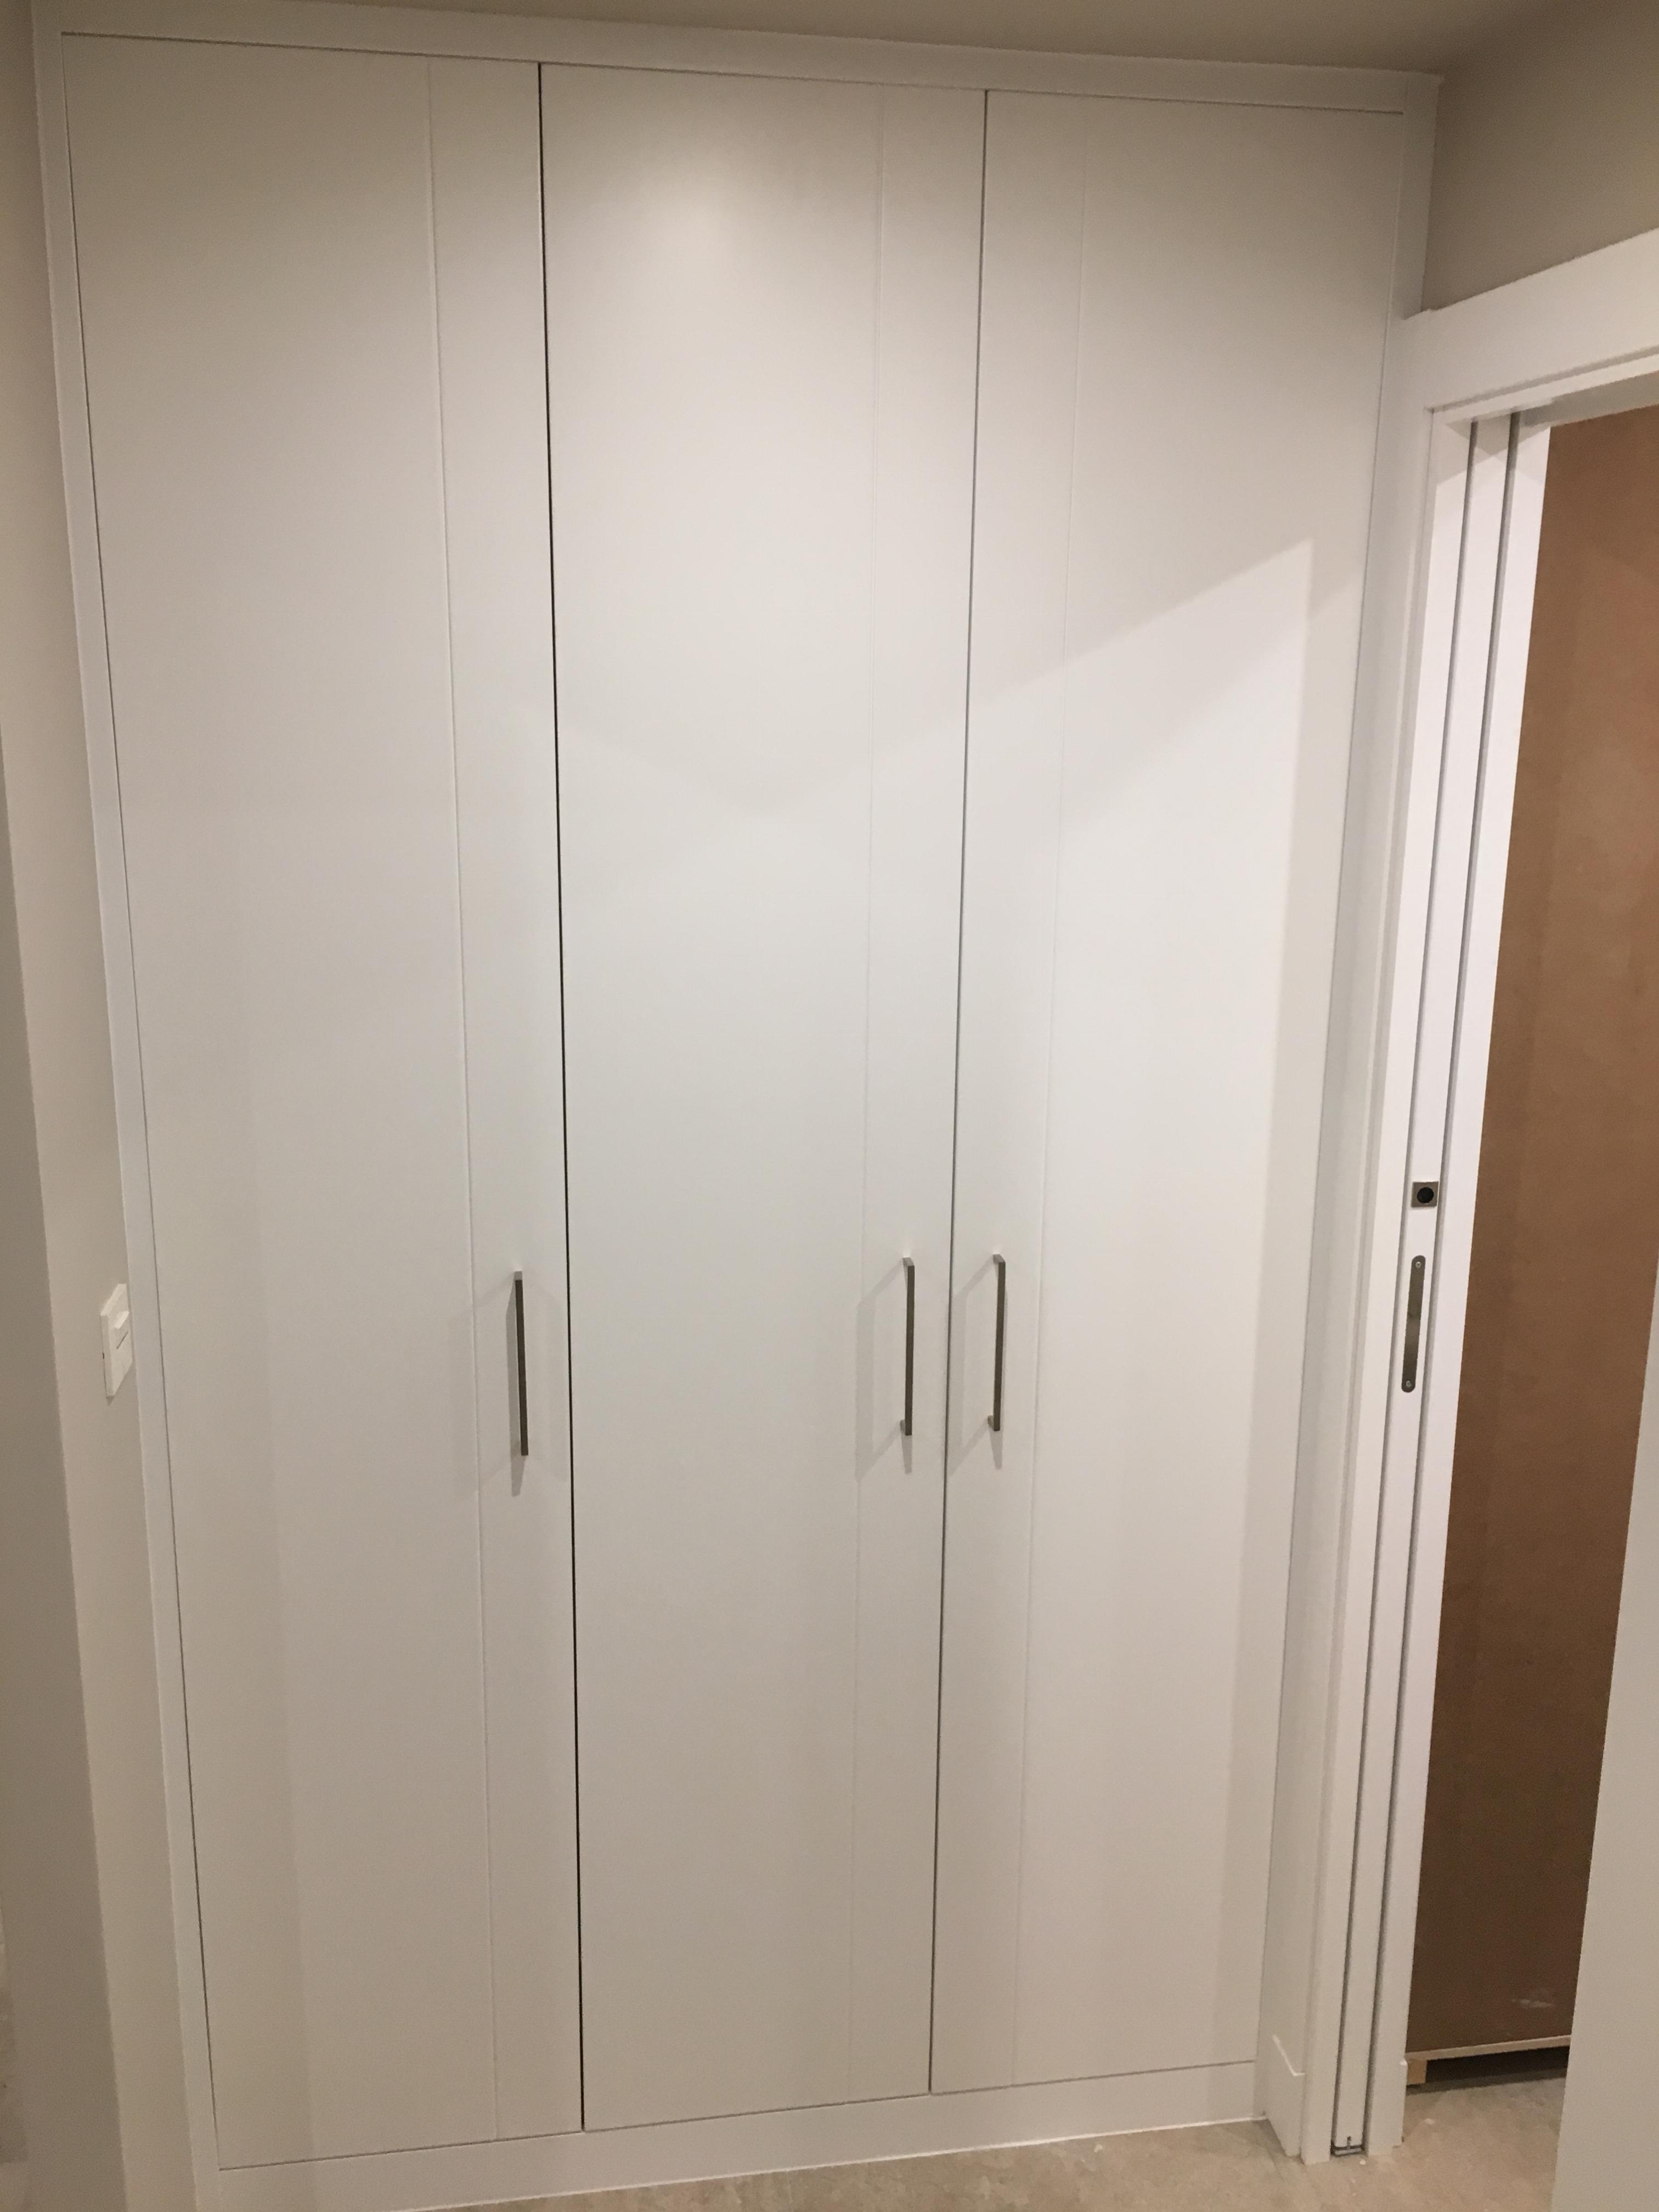 Armarios empotrados puertas stunning armarios empotrados - Puertas plegables armarios empotrados ...